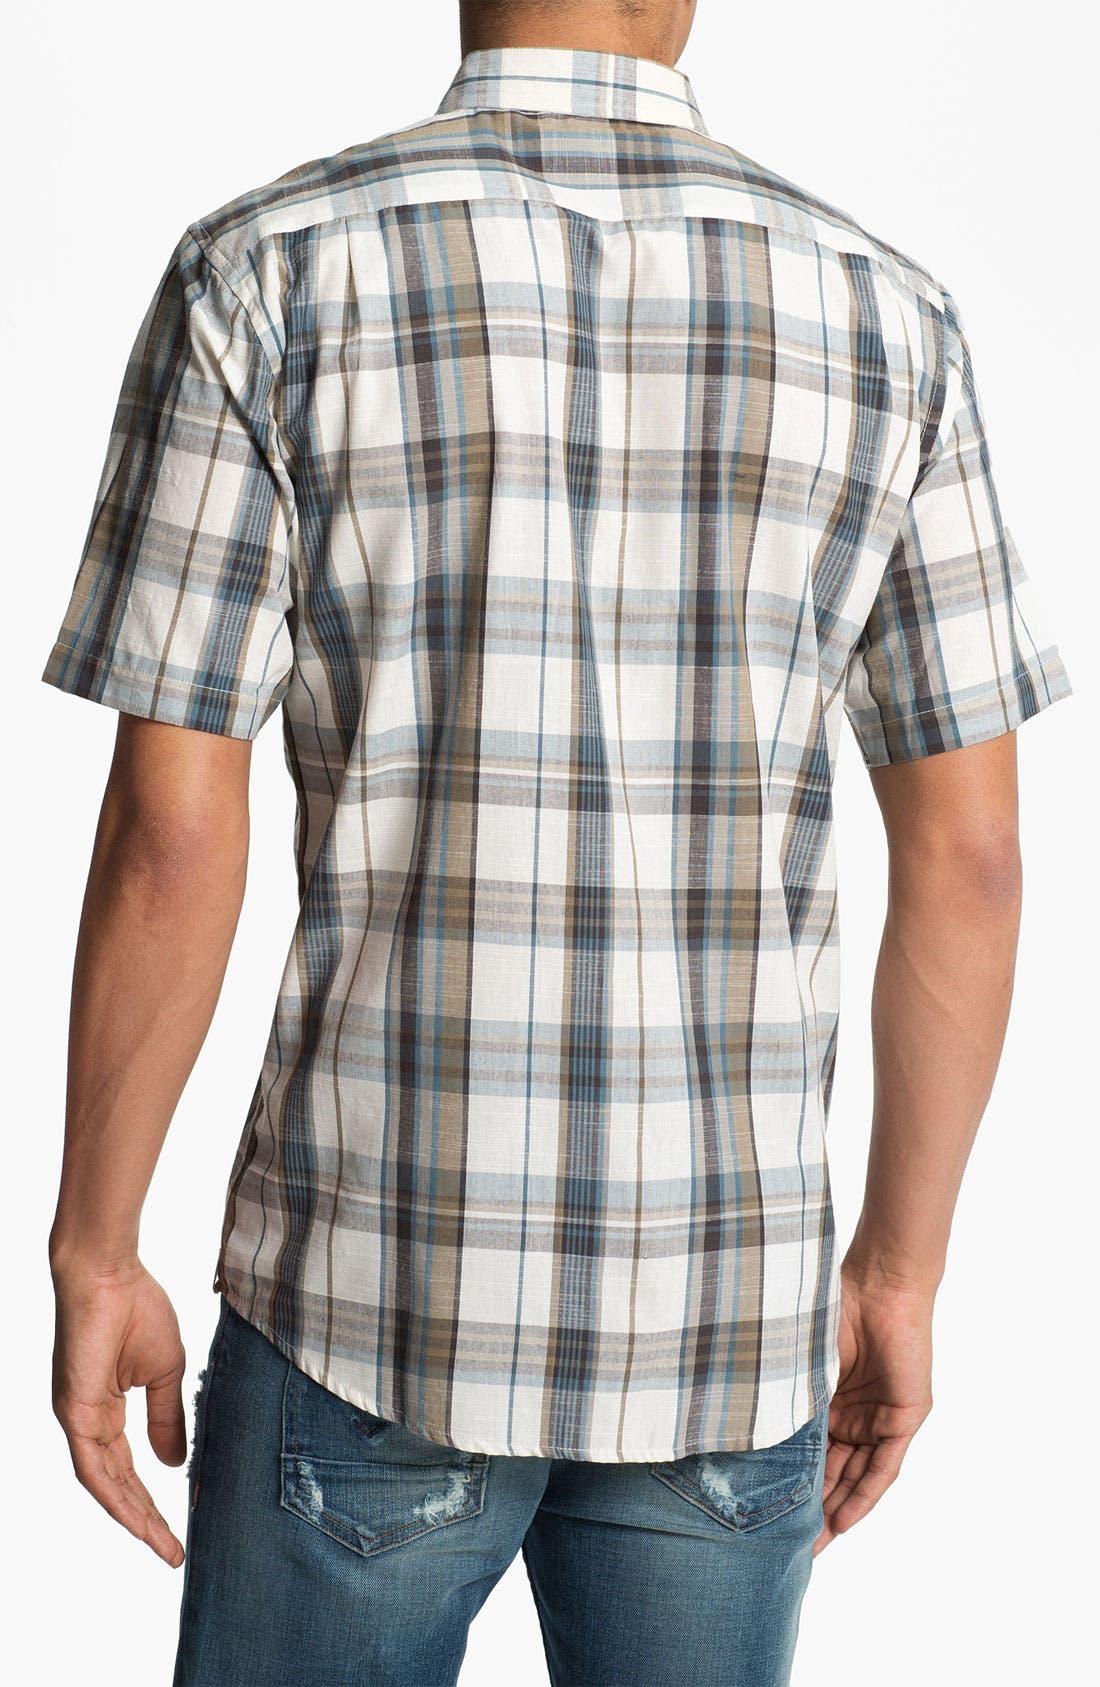 Alternate Image 2  - Ezekiel 'Woodhouse' Short Sleeve Plaid Woven Shirt